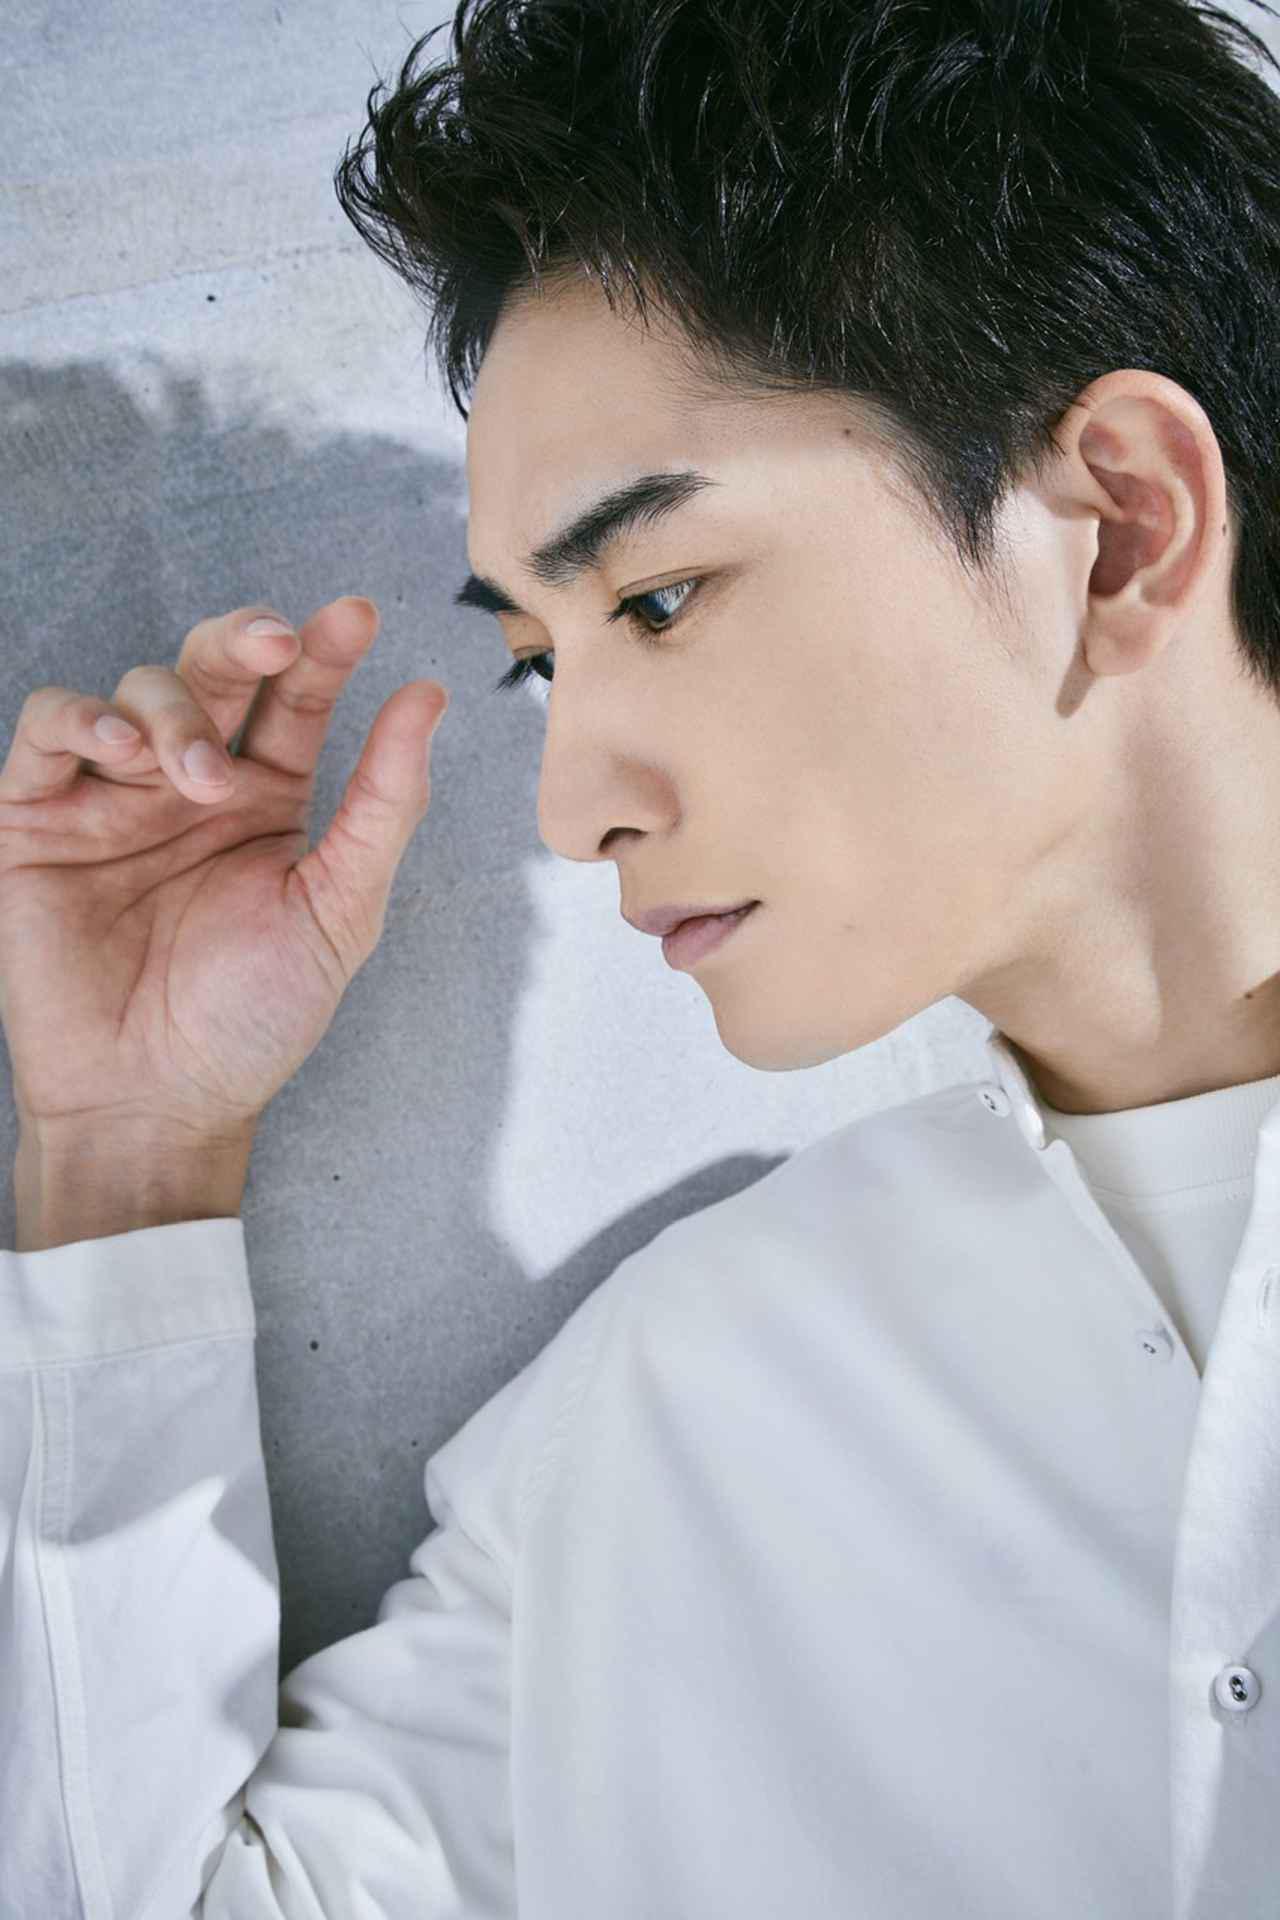 画像5: 劇団EXILE 青柳翔×町田啓太「JAM -the drama-」インタビュー